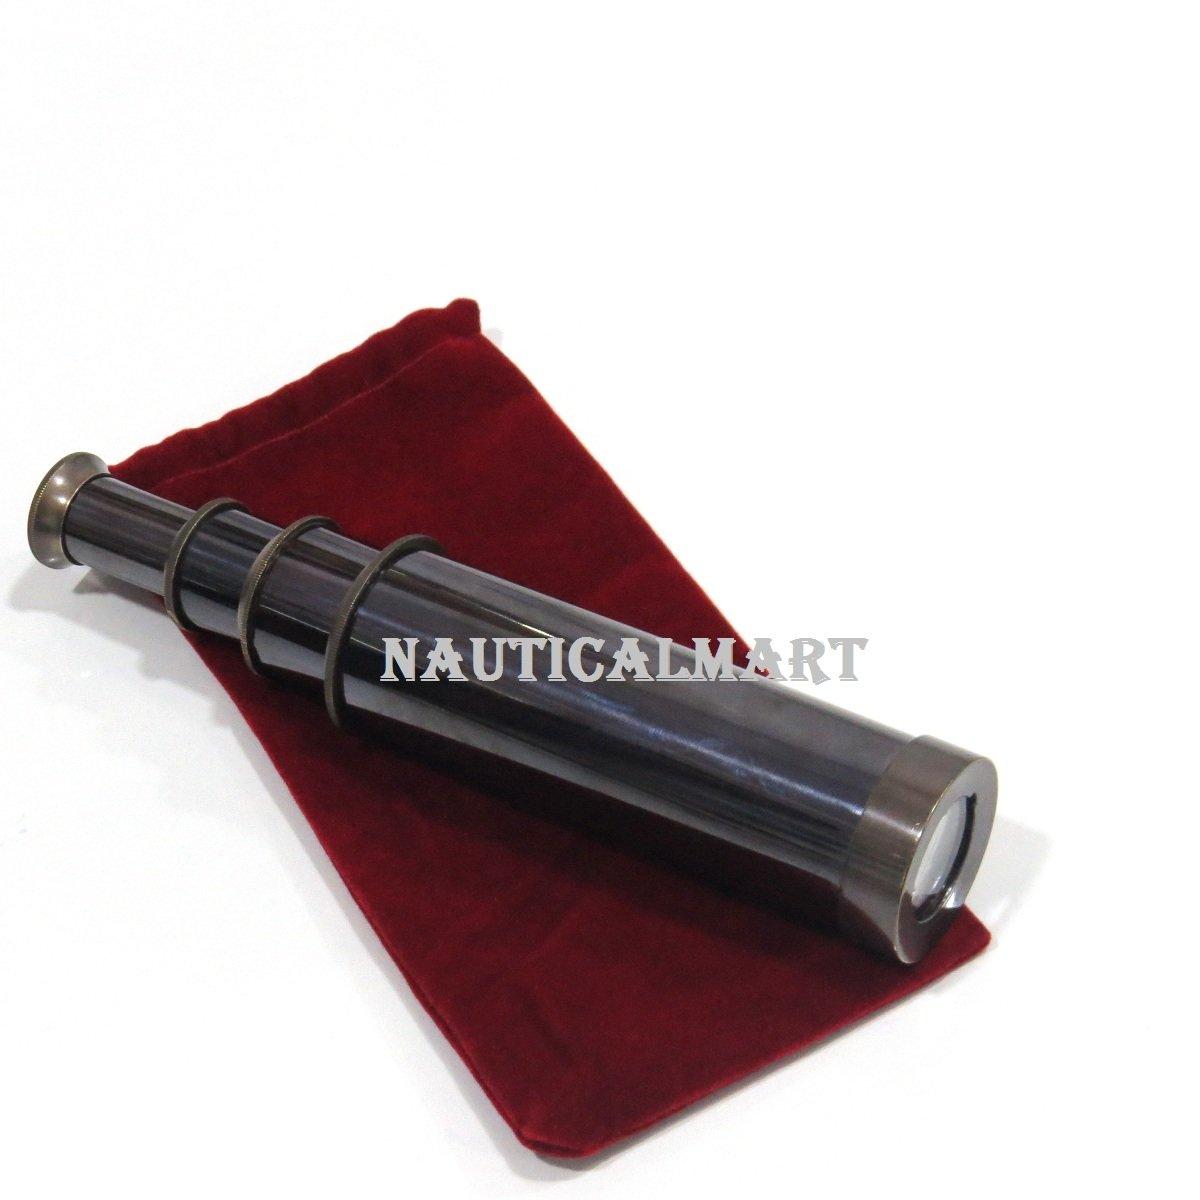 Pirated Telescope Black Antique Monocular